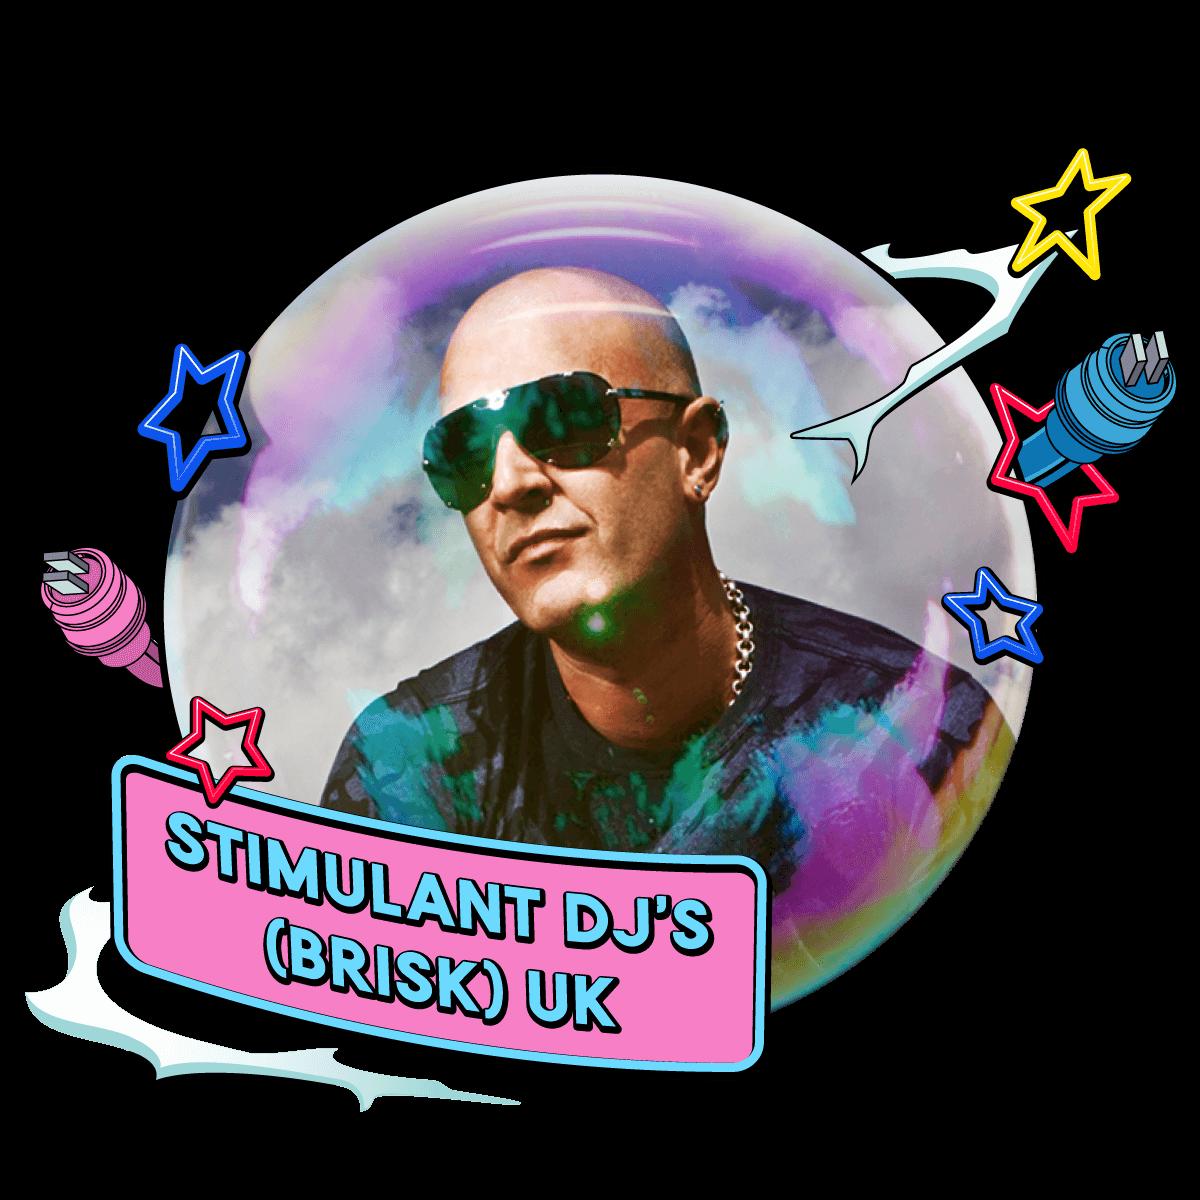 Stimulant DJ's (Brisk) UK